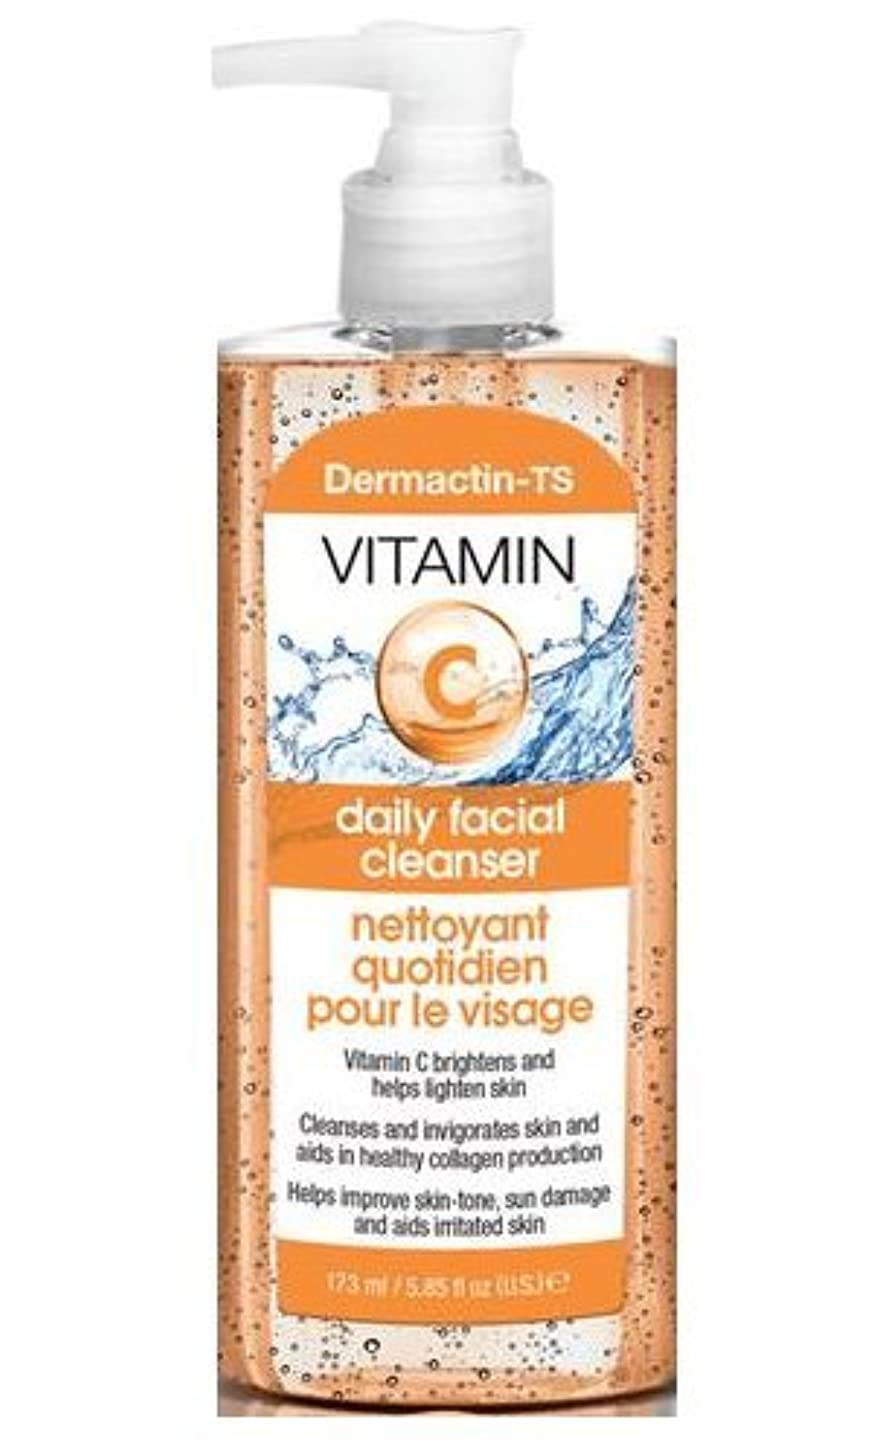 セッション書誌引き受けるDermactin-TS ビタミンCフェイシャルクレンザー165g (並行輸入品)